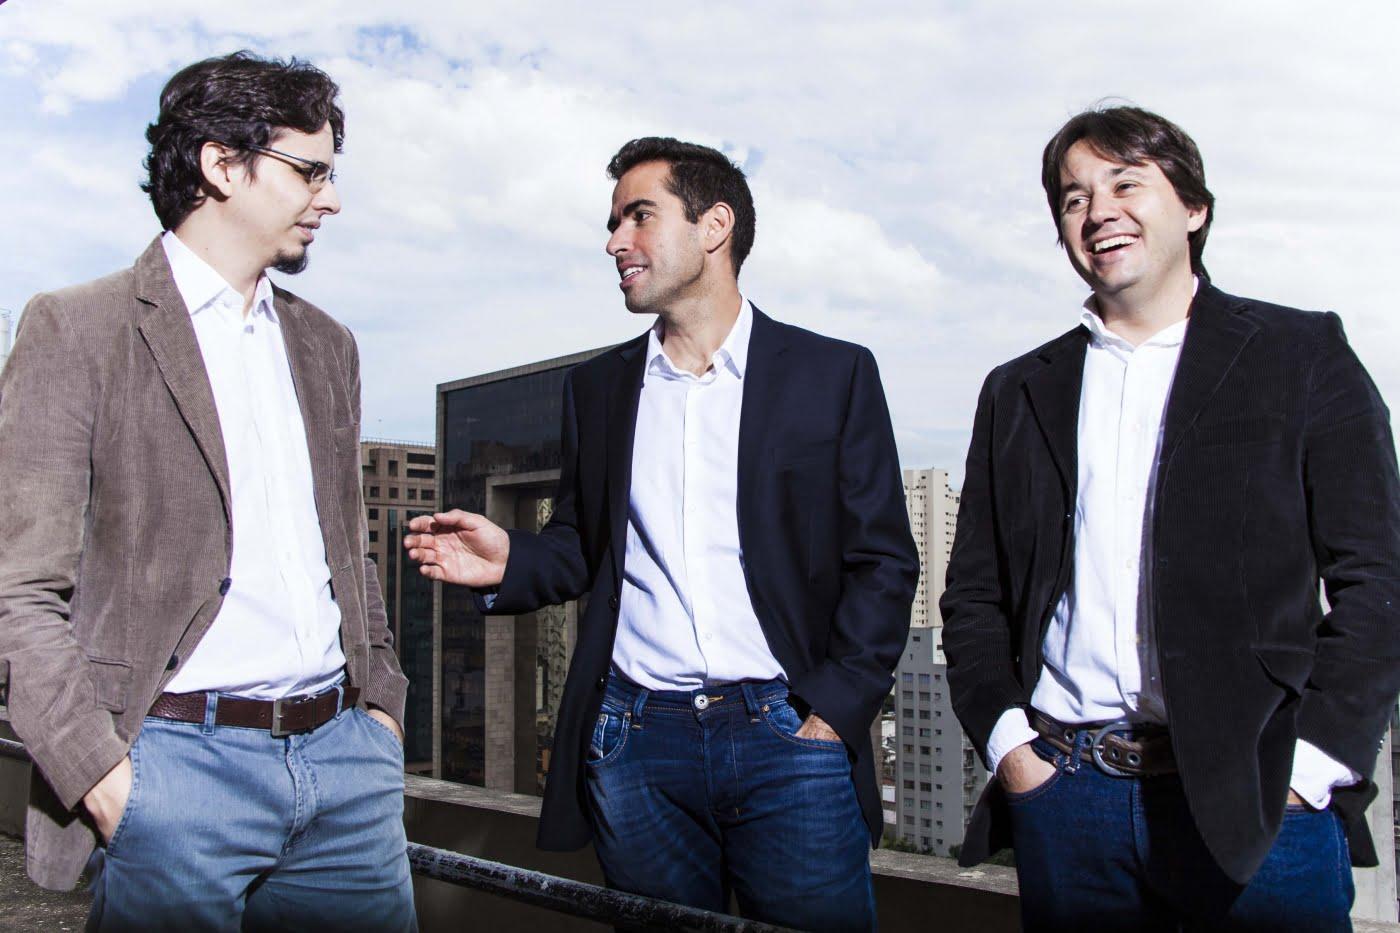 Daniel, Igor e Leonardo: os criadores da Moip, empresa de pagamentos online capaz de concorrer com gigantes como PayPal e PagSeguro.